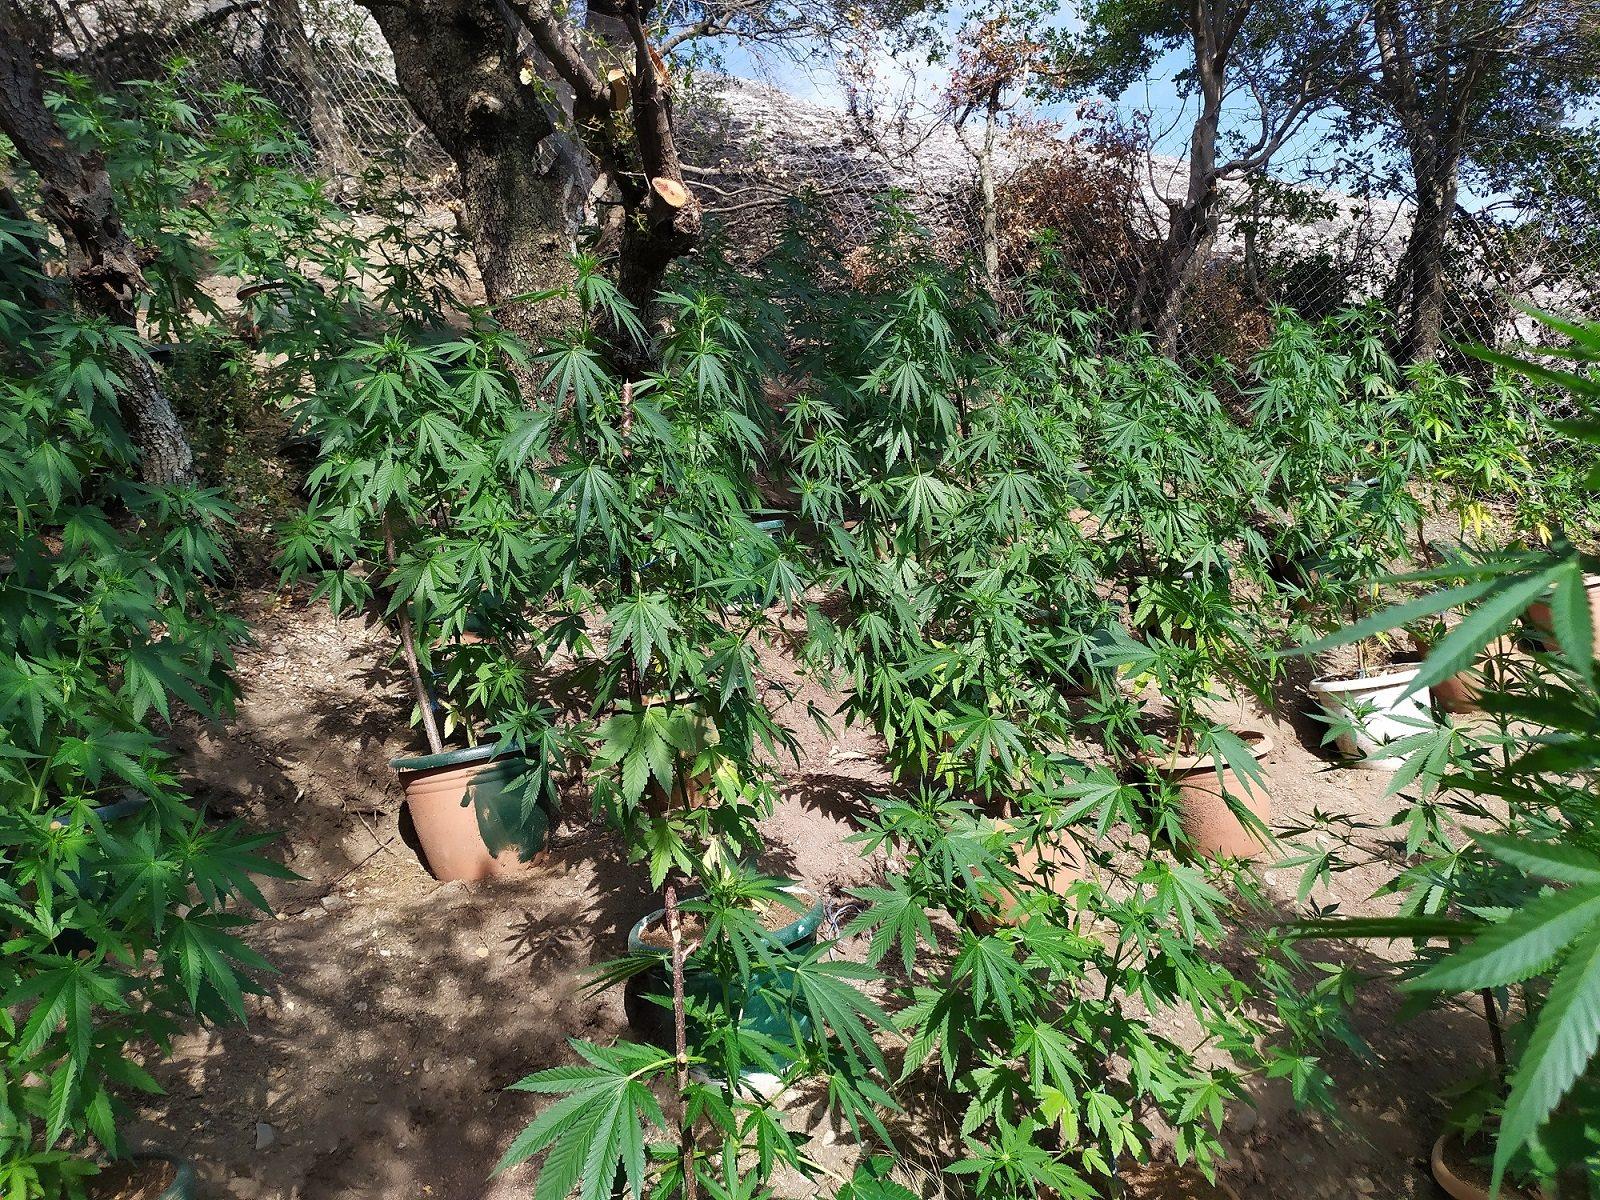 Εξαρθρώθηκε εγκληματική οργάνωση καλλιέργειας δενδρυλλίων κάνναβης στα Τρίκαλα